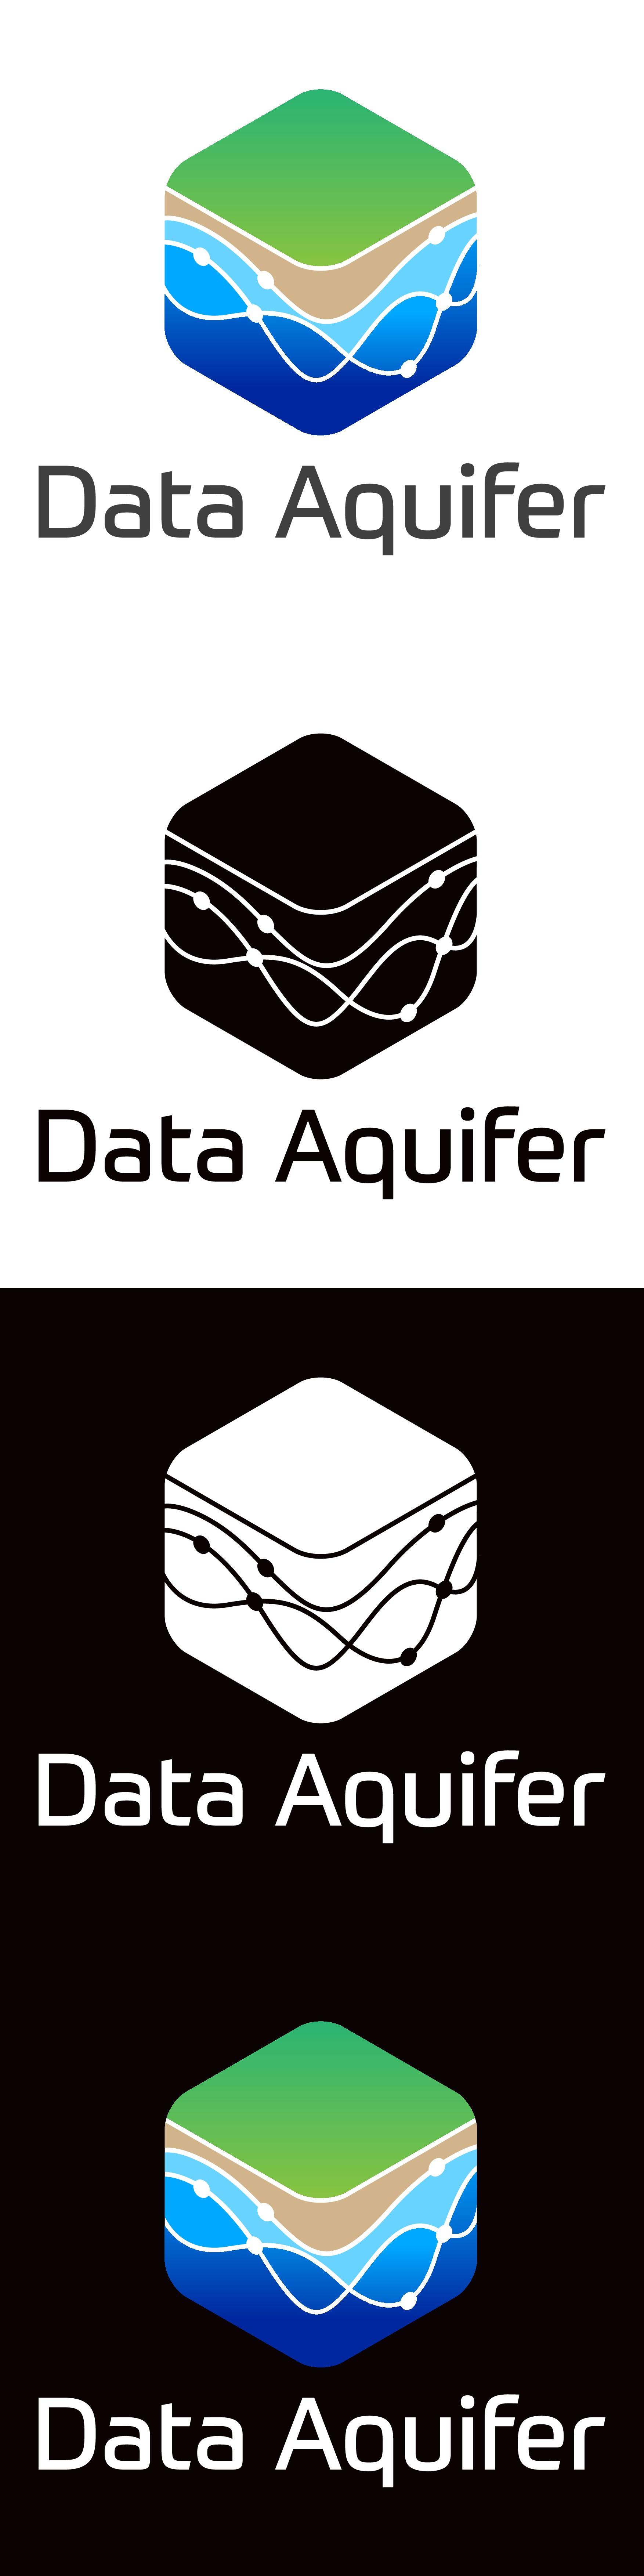 Branding Data Aquifer